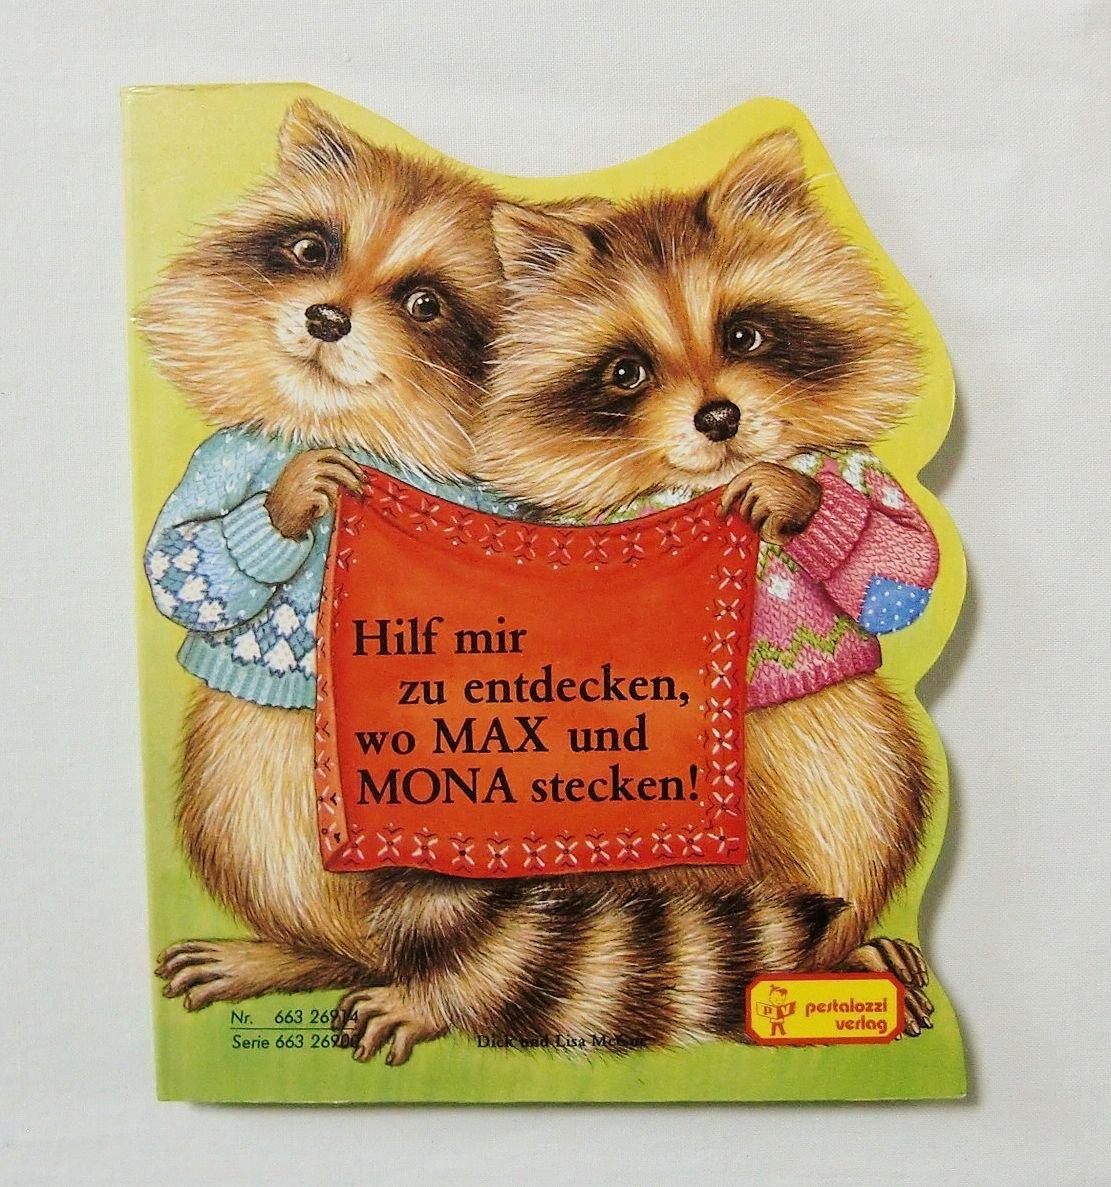 Hilf mir zu entdecken, wo Max und Mona stecken: Amazon.de: Bücher